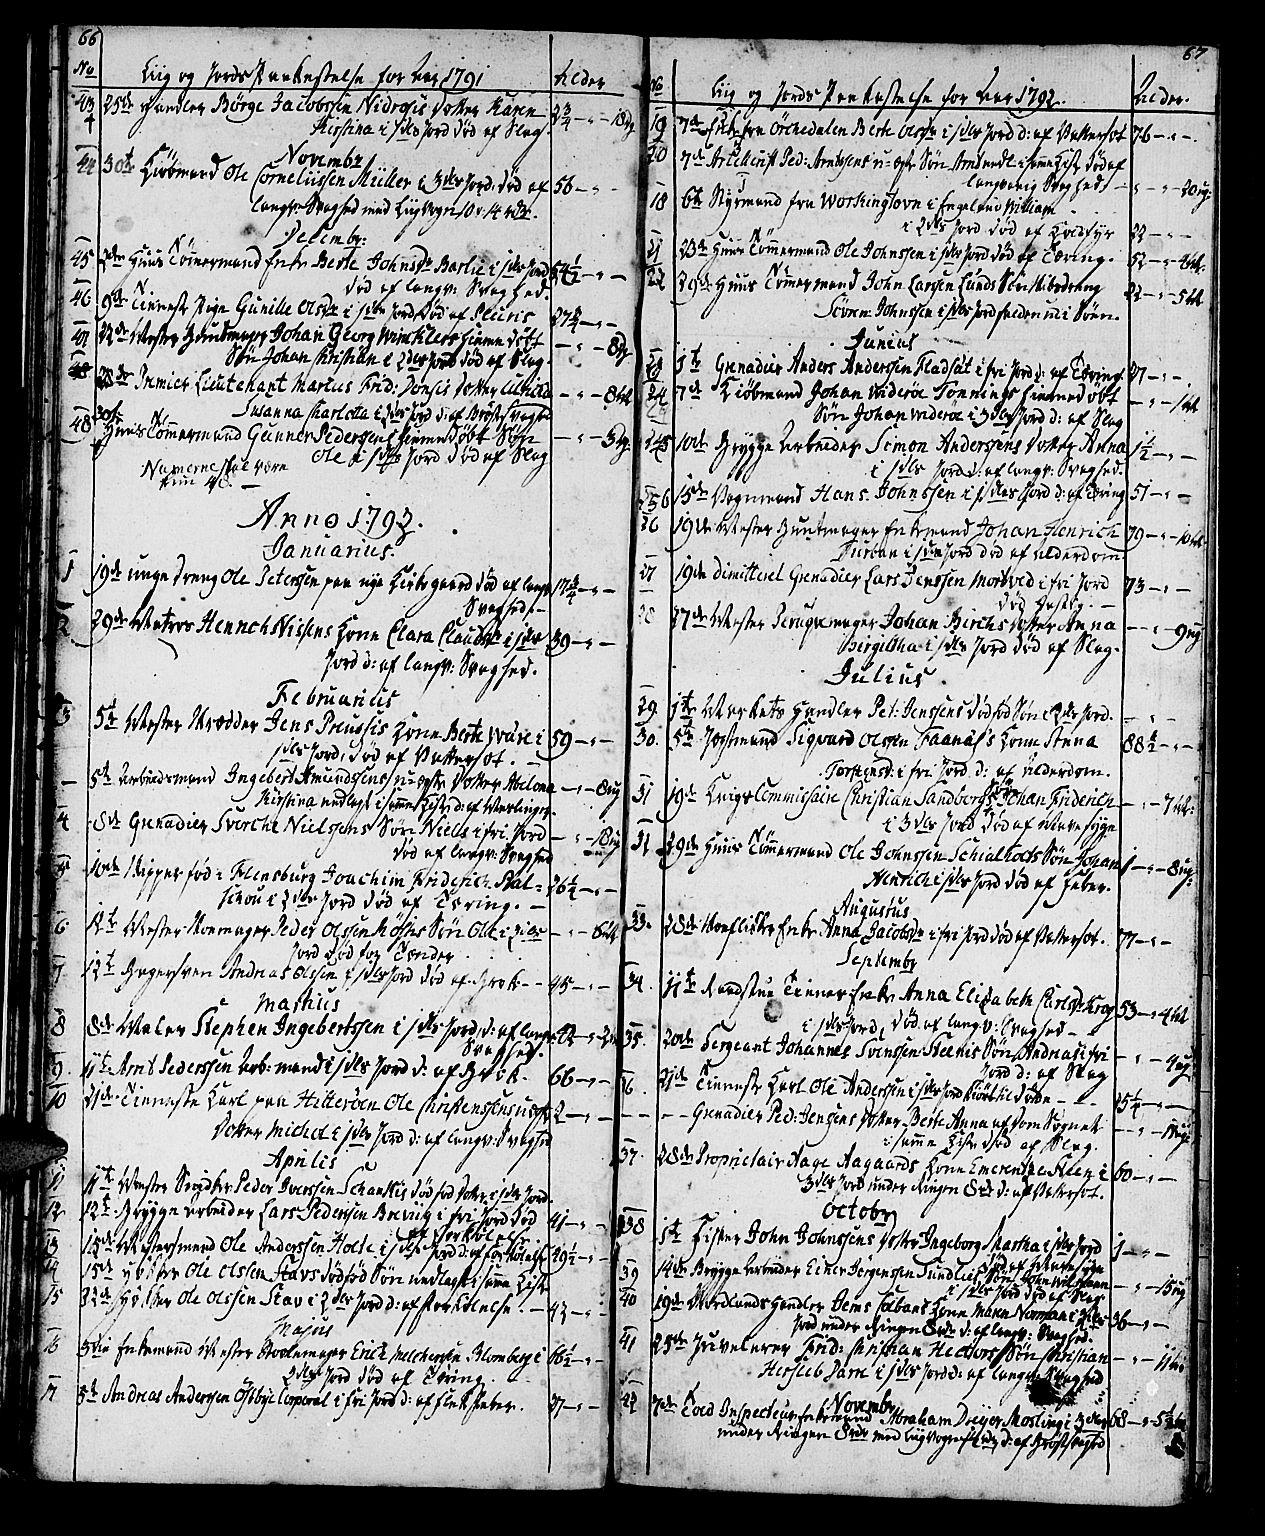 SAT, Ministerialprotokoller, klokkerbøker og fødselsregistre - Sør-Trøndelag, 602/L0134: Klokkerbok nr. 602C02, 1759-1812, s. 66-67